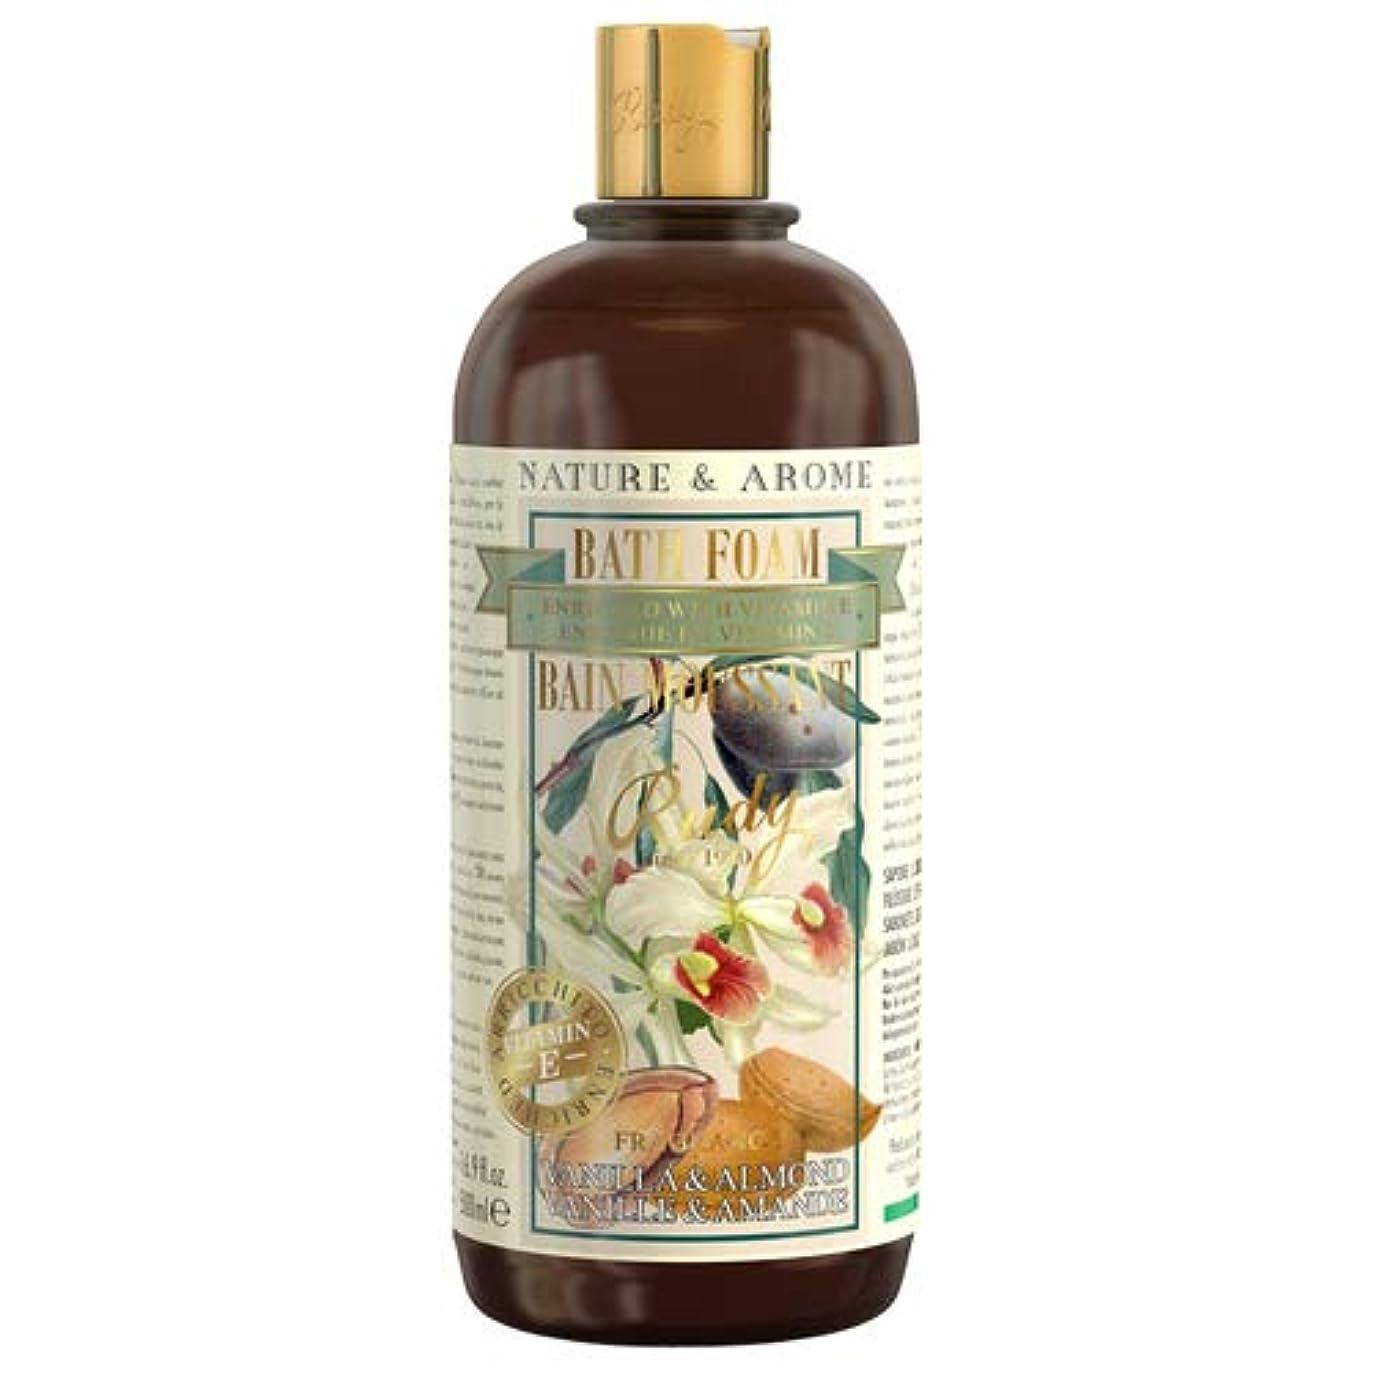 母アリチャットルディ(Rudy) RUDY Nature&Arome Apothecary ネイチャーアロマ アポセカリー Bath & Shower Gel バス&シャワージェル Vanilla & Almond バニラ&アーモンド